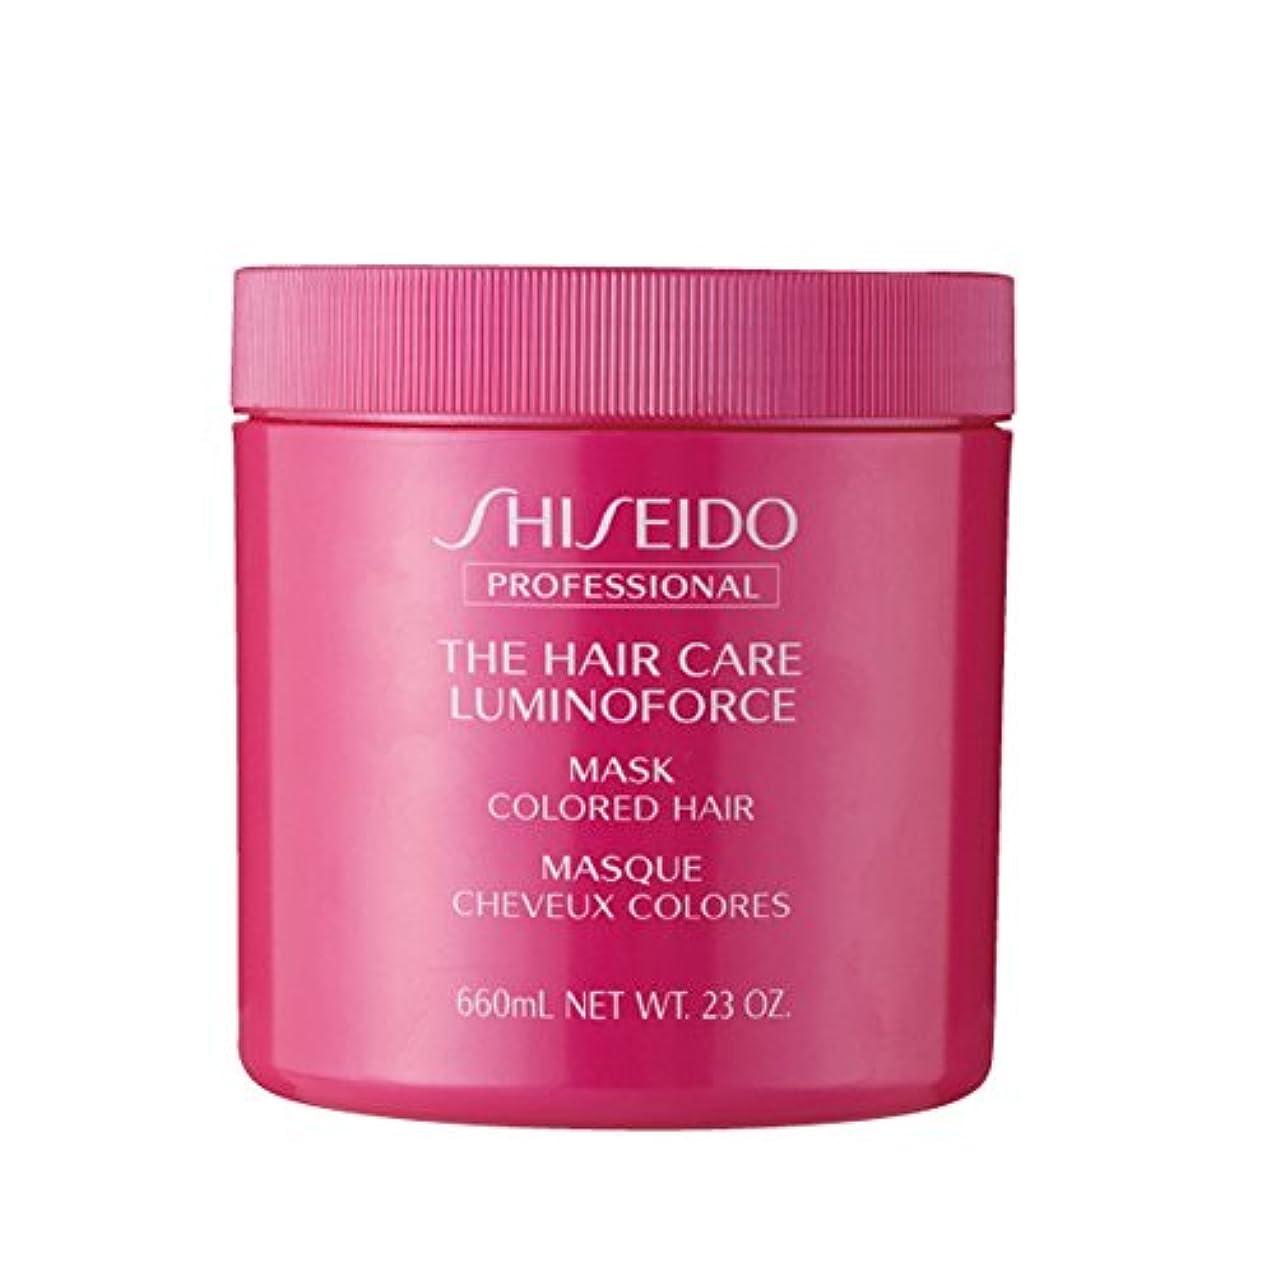 ギャングスターレプリカ望み資生堂 THC ルミノフォース マスク 680g ヘアカラーを繰り返したごわついた髪を、 芯からしなやかでつややかな髪へ SHISEIDO LUMINOFORCE